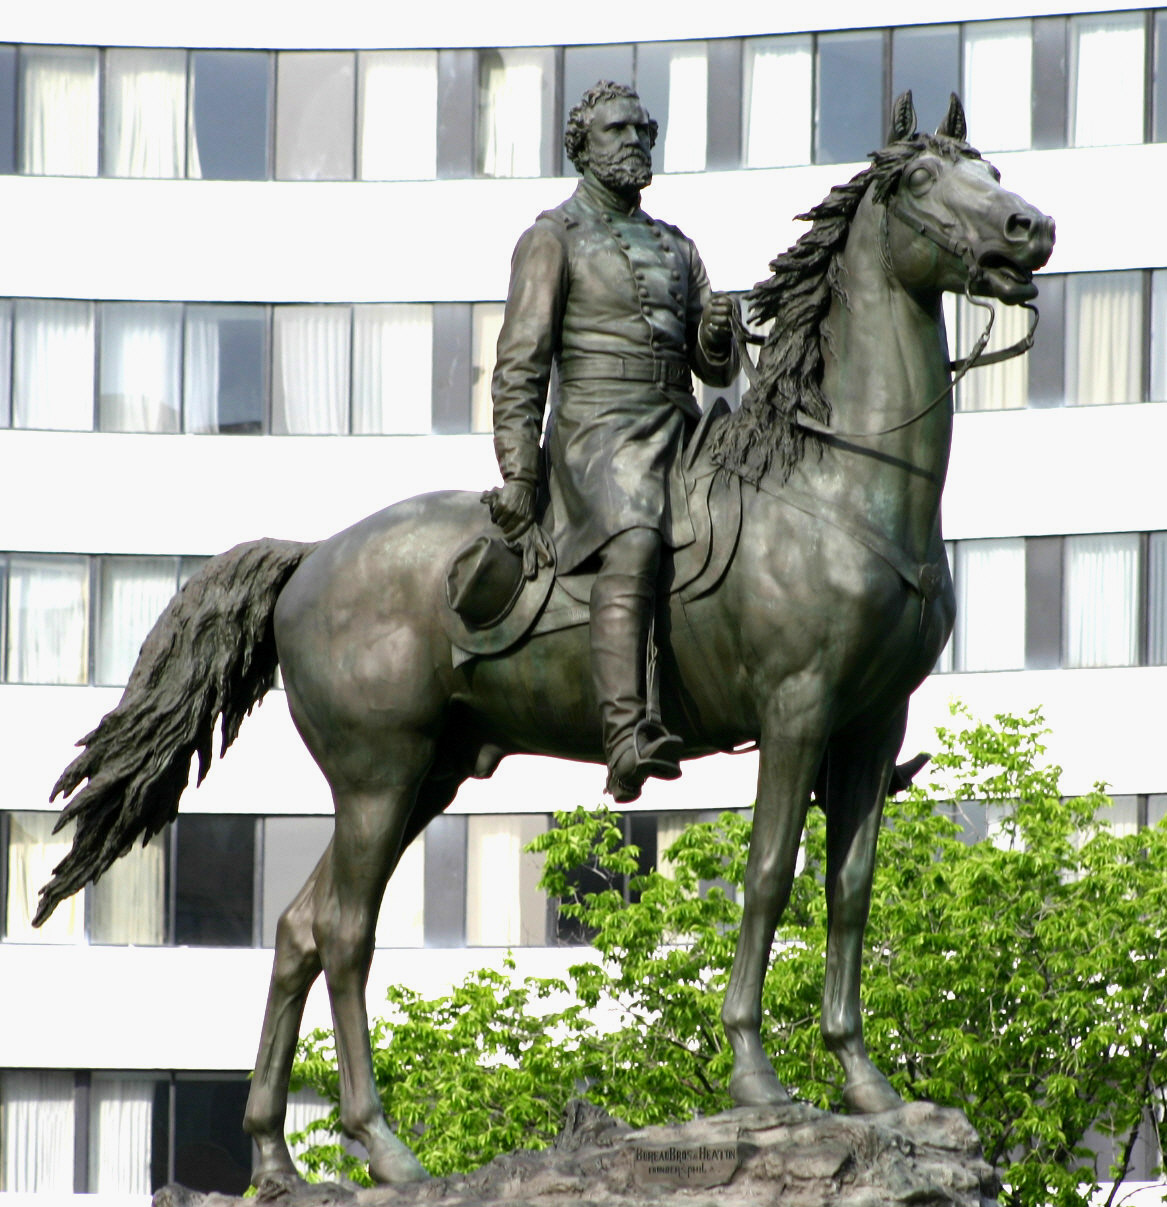 Horse, Plant, Statue, Sculpture